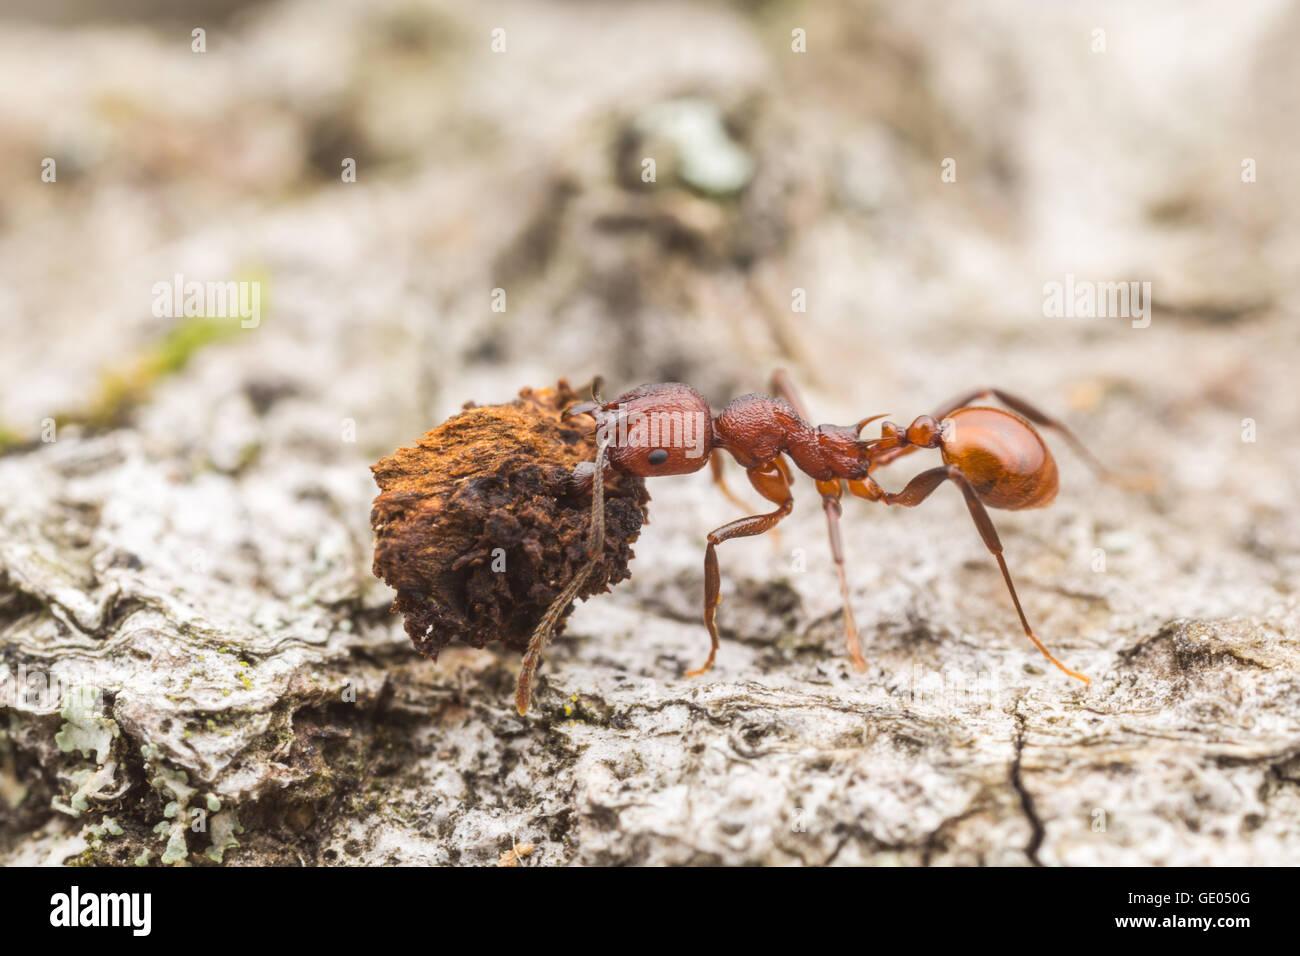 Un Spine-con cintura (hormiga Aphaenogaster tennesseensis) trabajador vetusta lleva comida a su nido. Imagen De Stock